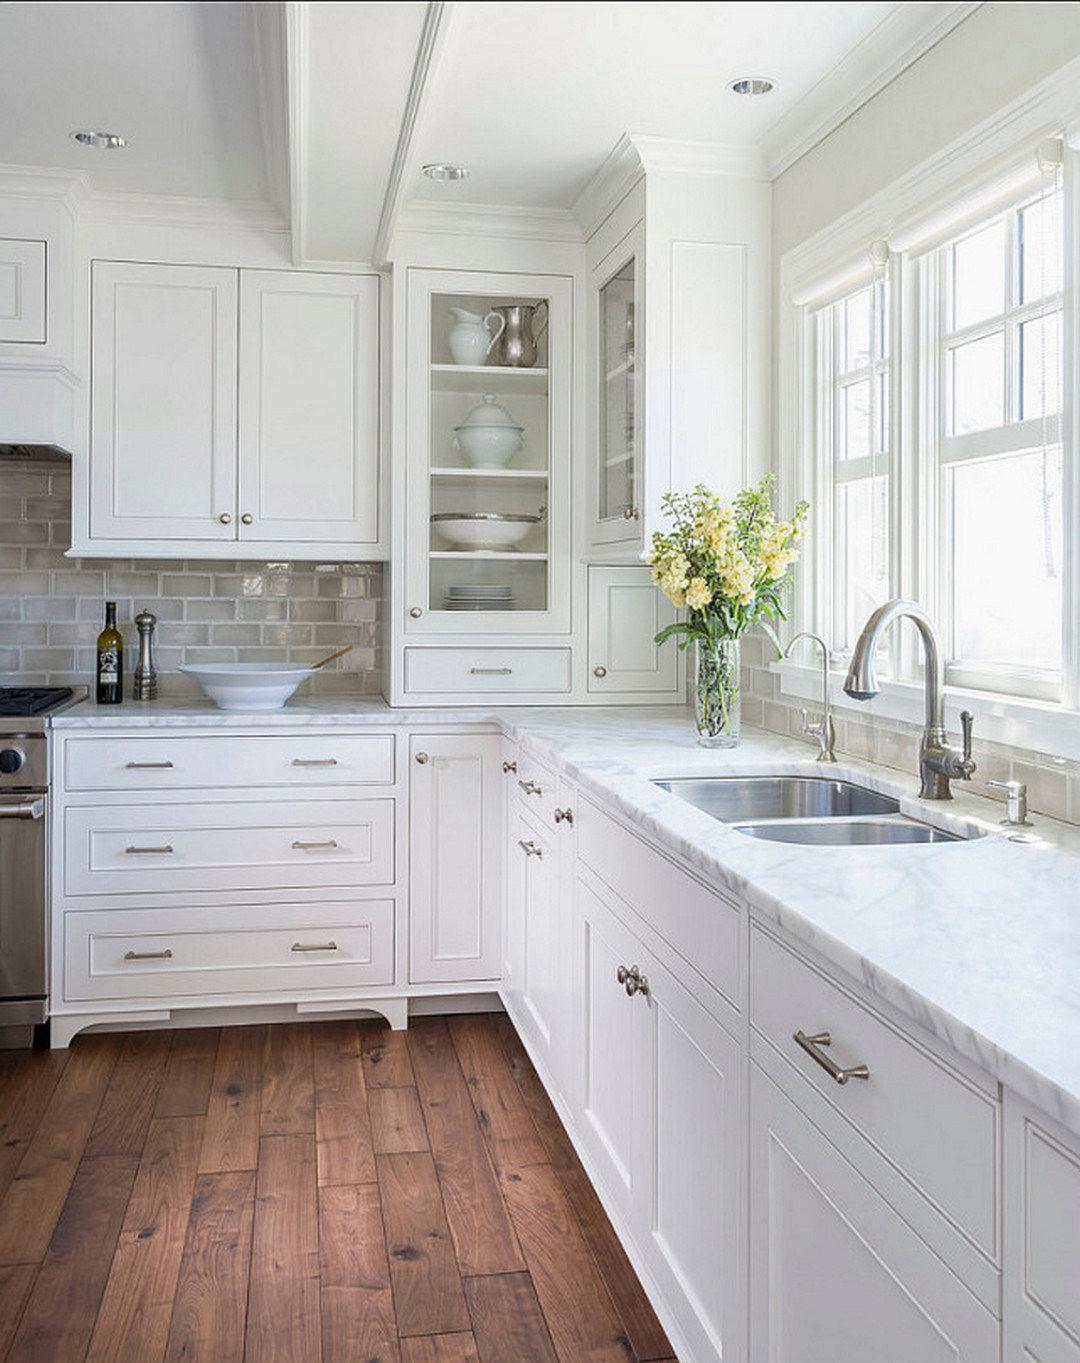 53 Pretty White Kitchen Design Ideas | Pinterest | Kitchen design ...